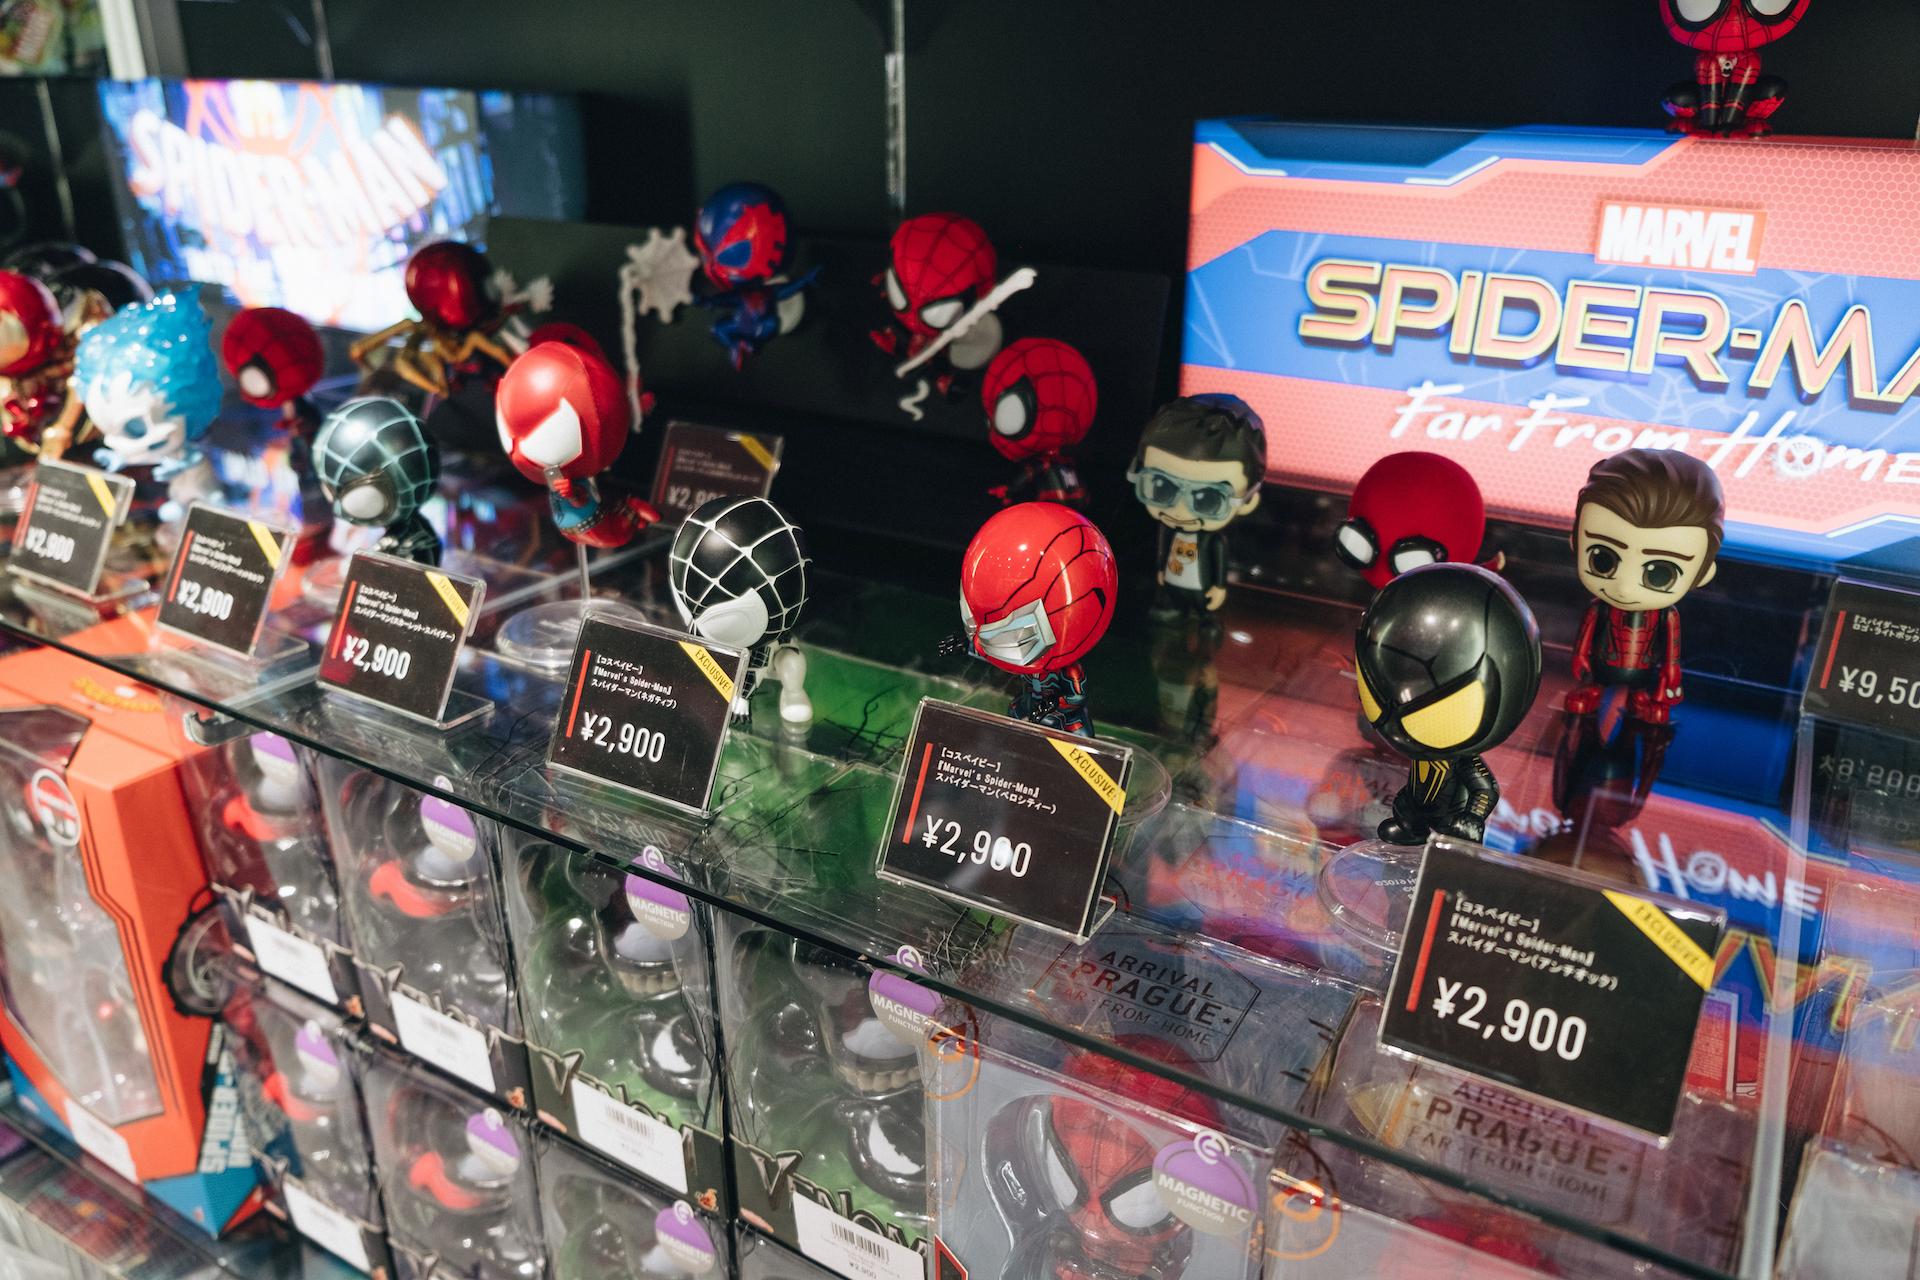 スパイダーマン好きなら目ギラギラ大興奮必至の期間限定ショップ探訪 art-culture-spiderman-store-report-20